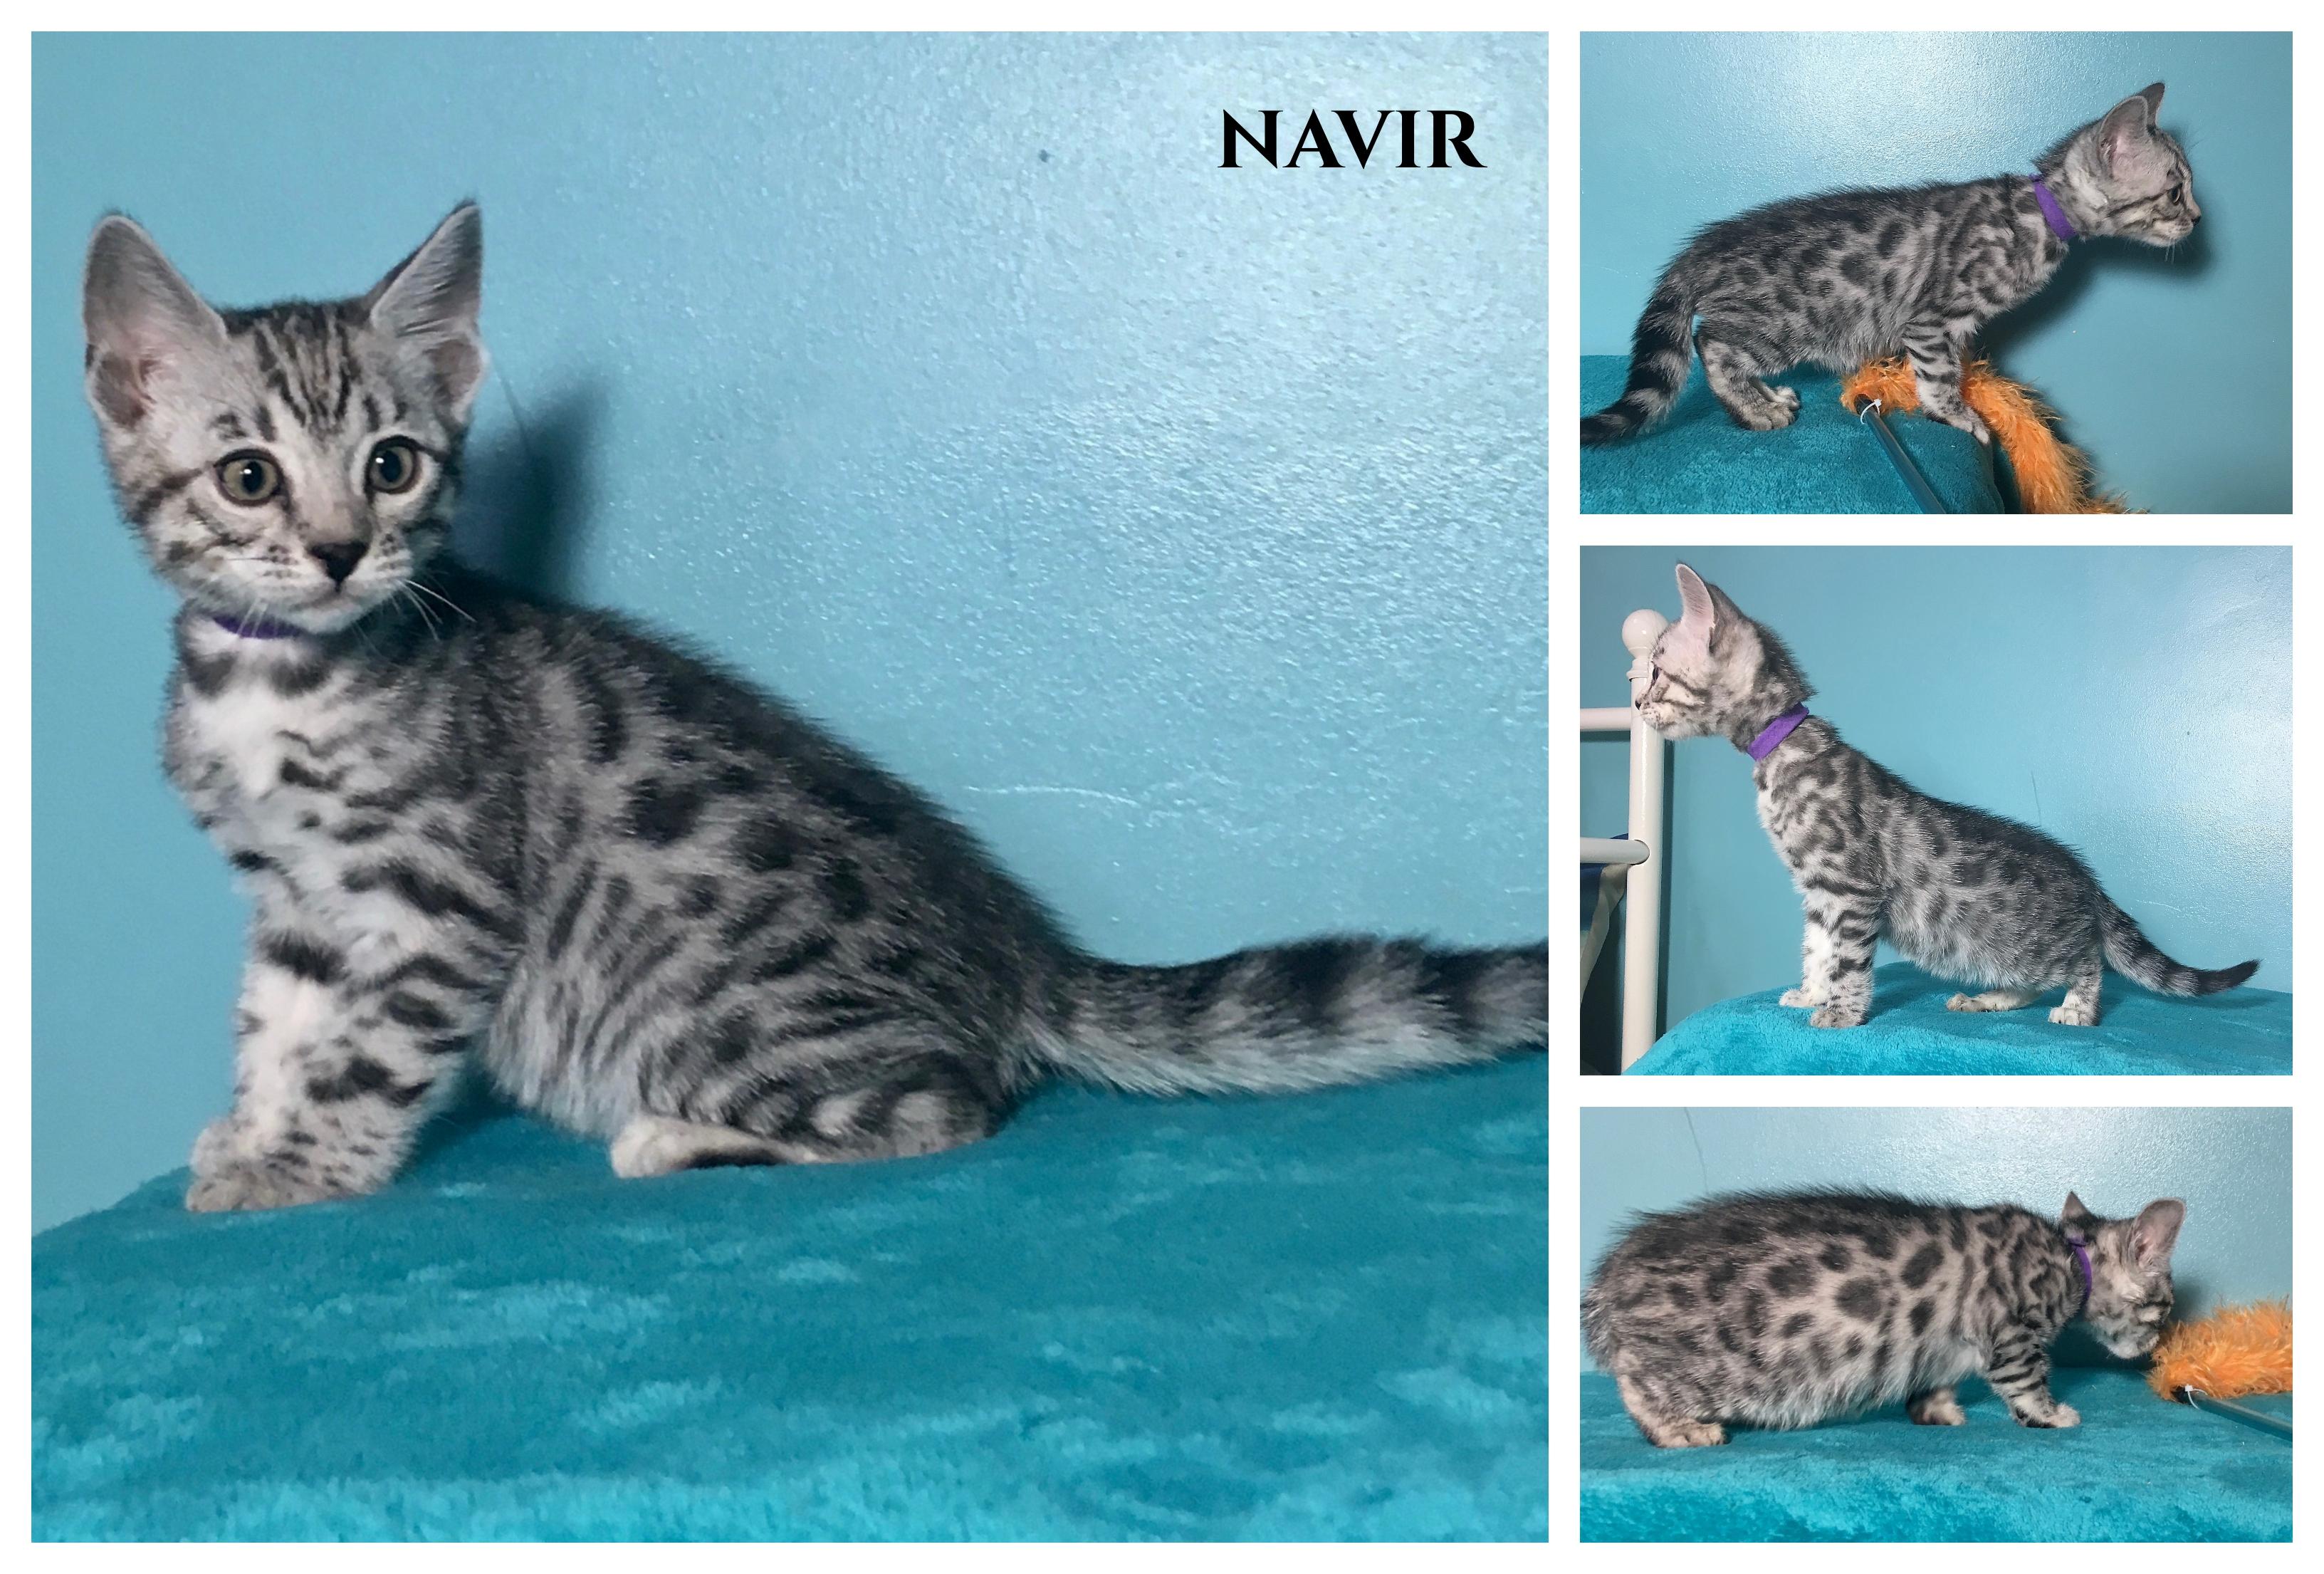 Navir 8 weeks